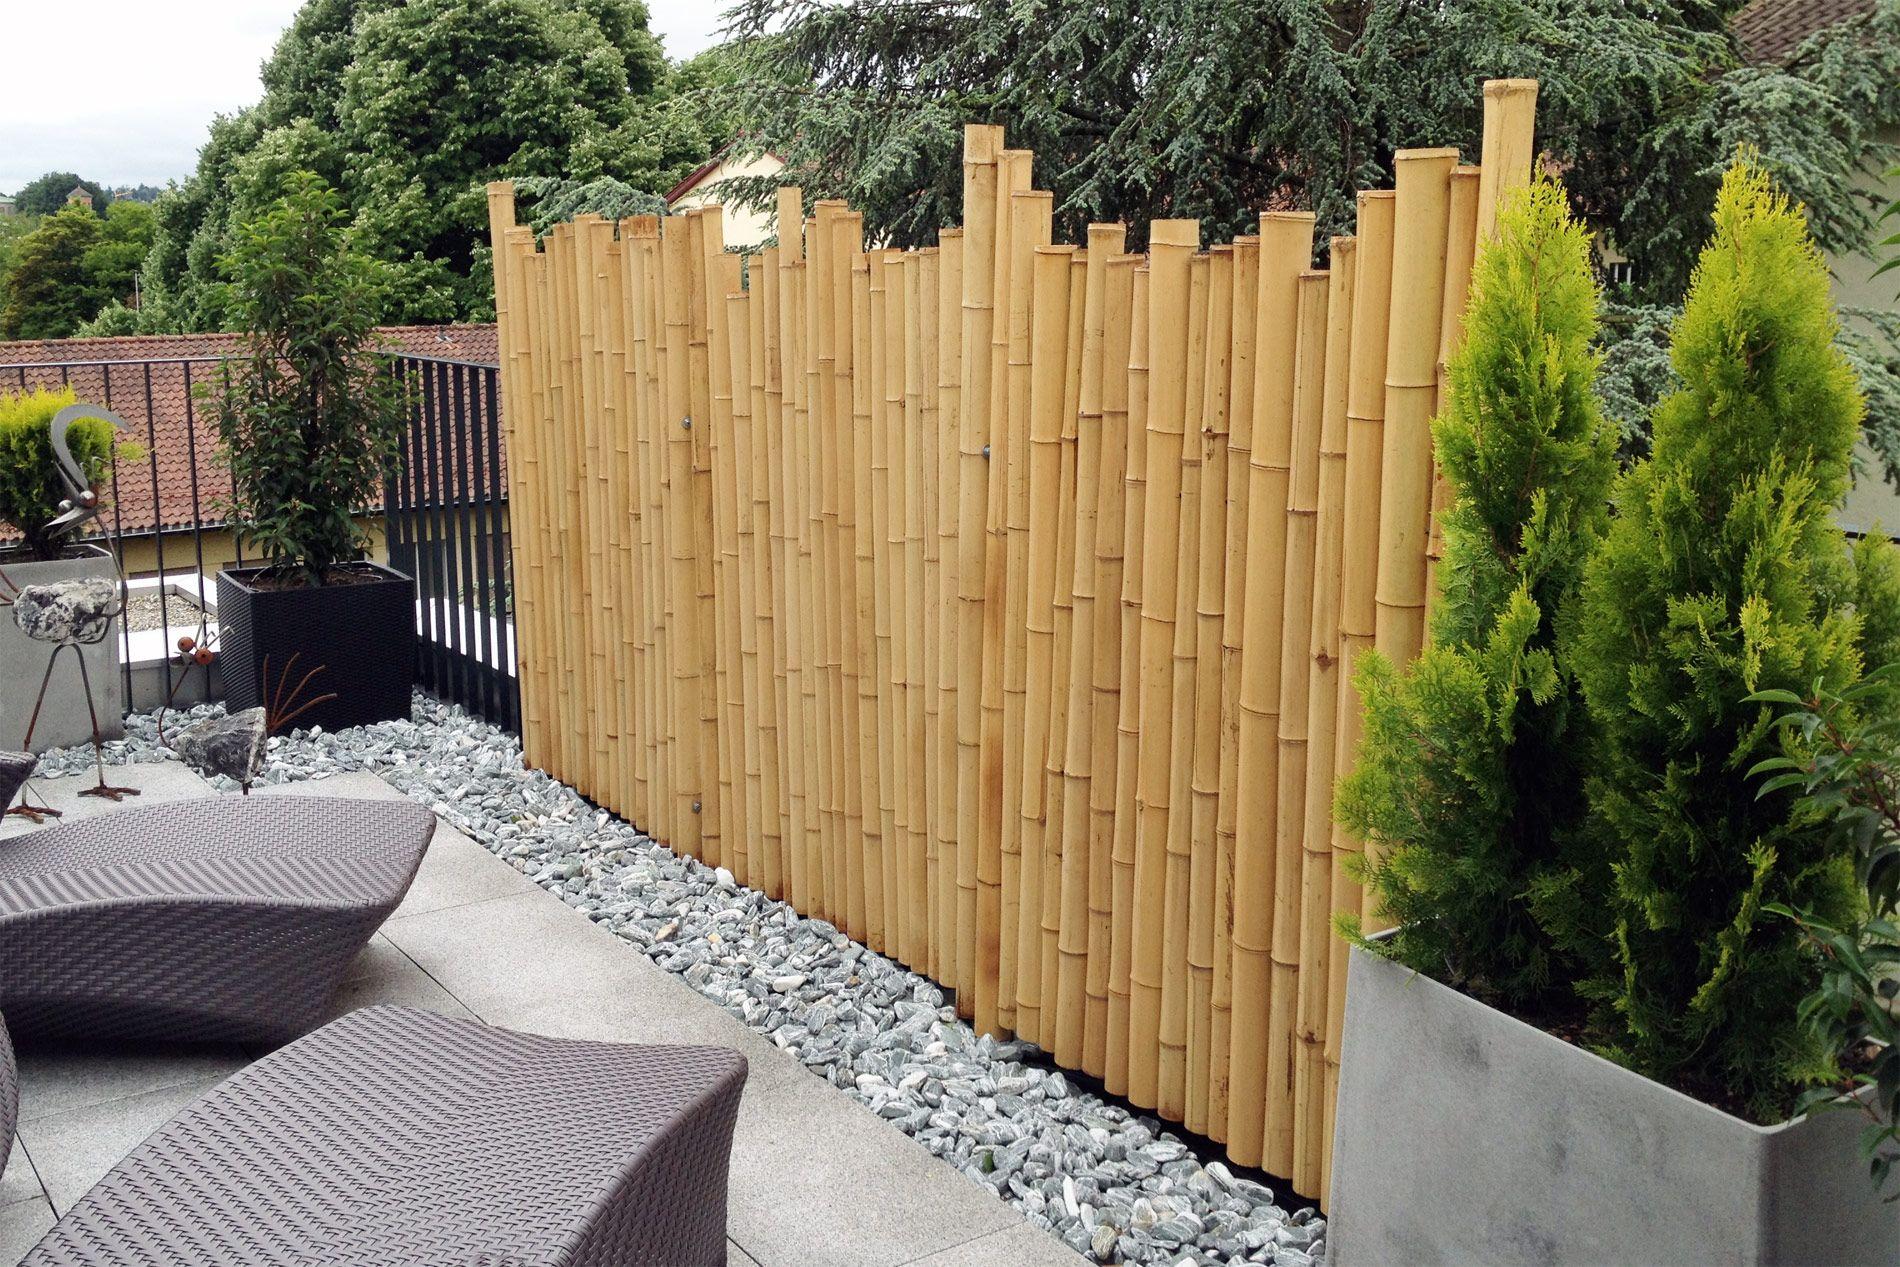 garten sichtschutz bambus bankroute gartengerate ideen